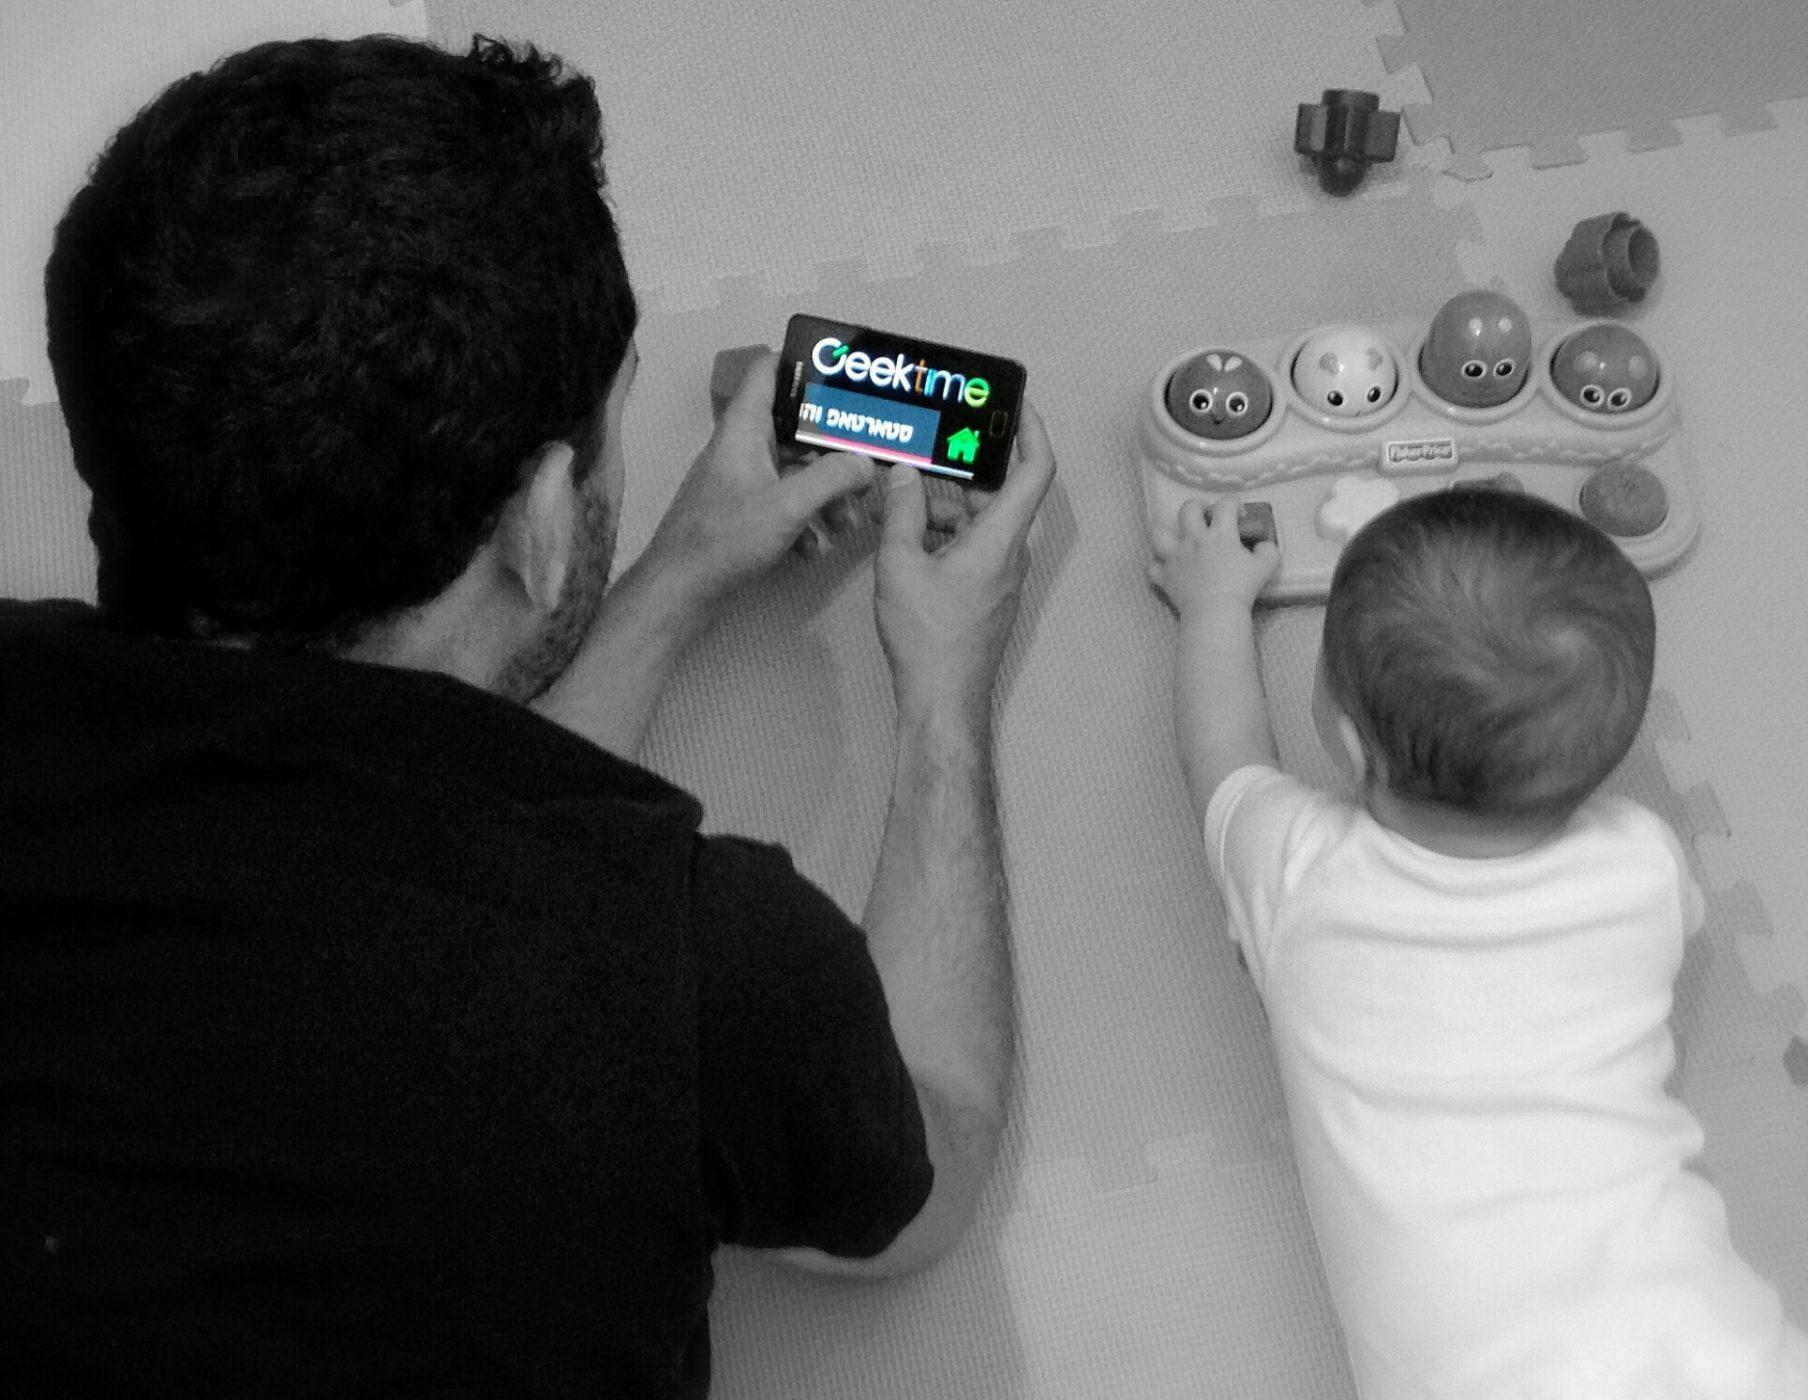 שם השולח: נמרוד קליין. החיים בעידן הדיגיטלי - כל אחד והמשחק שלו.